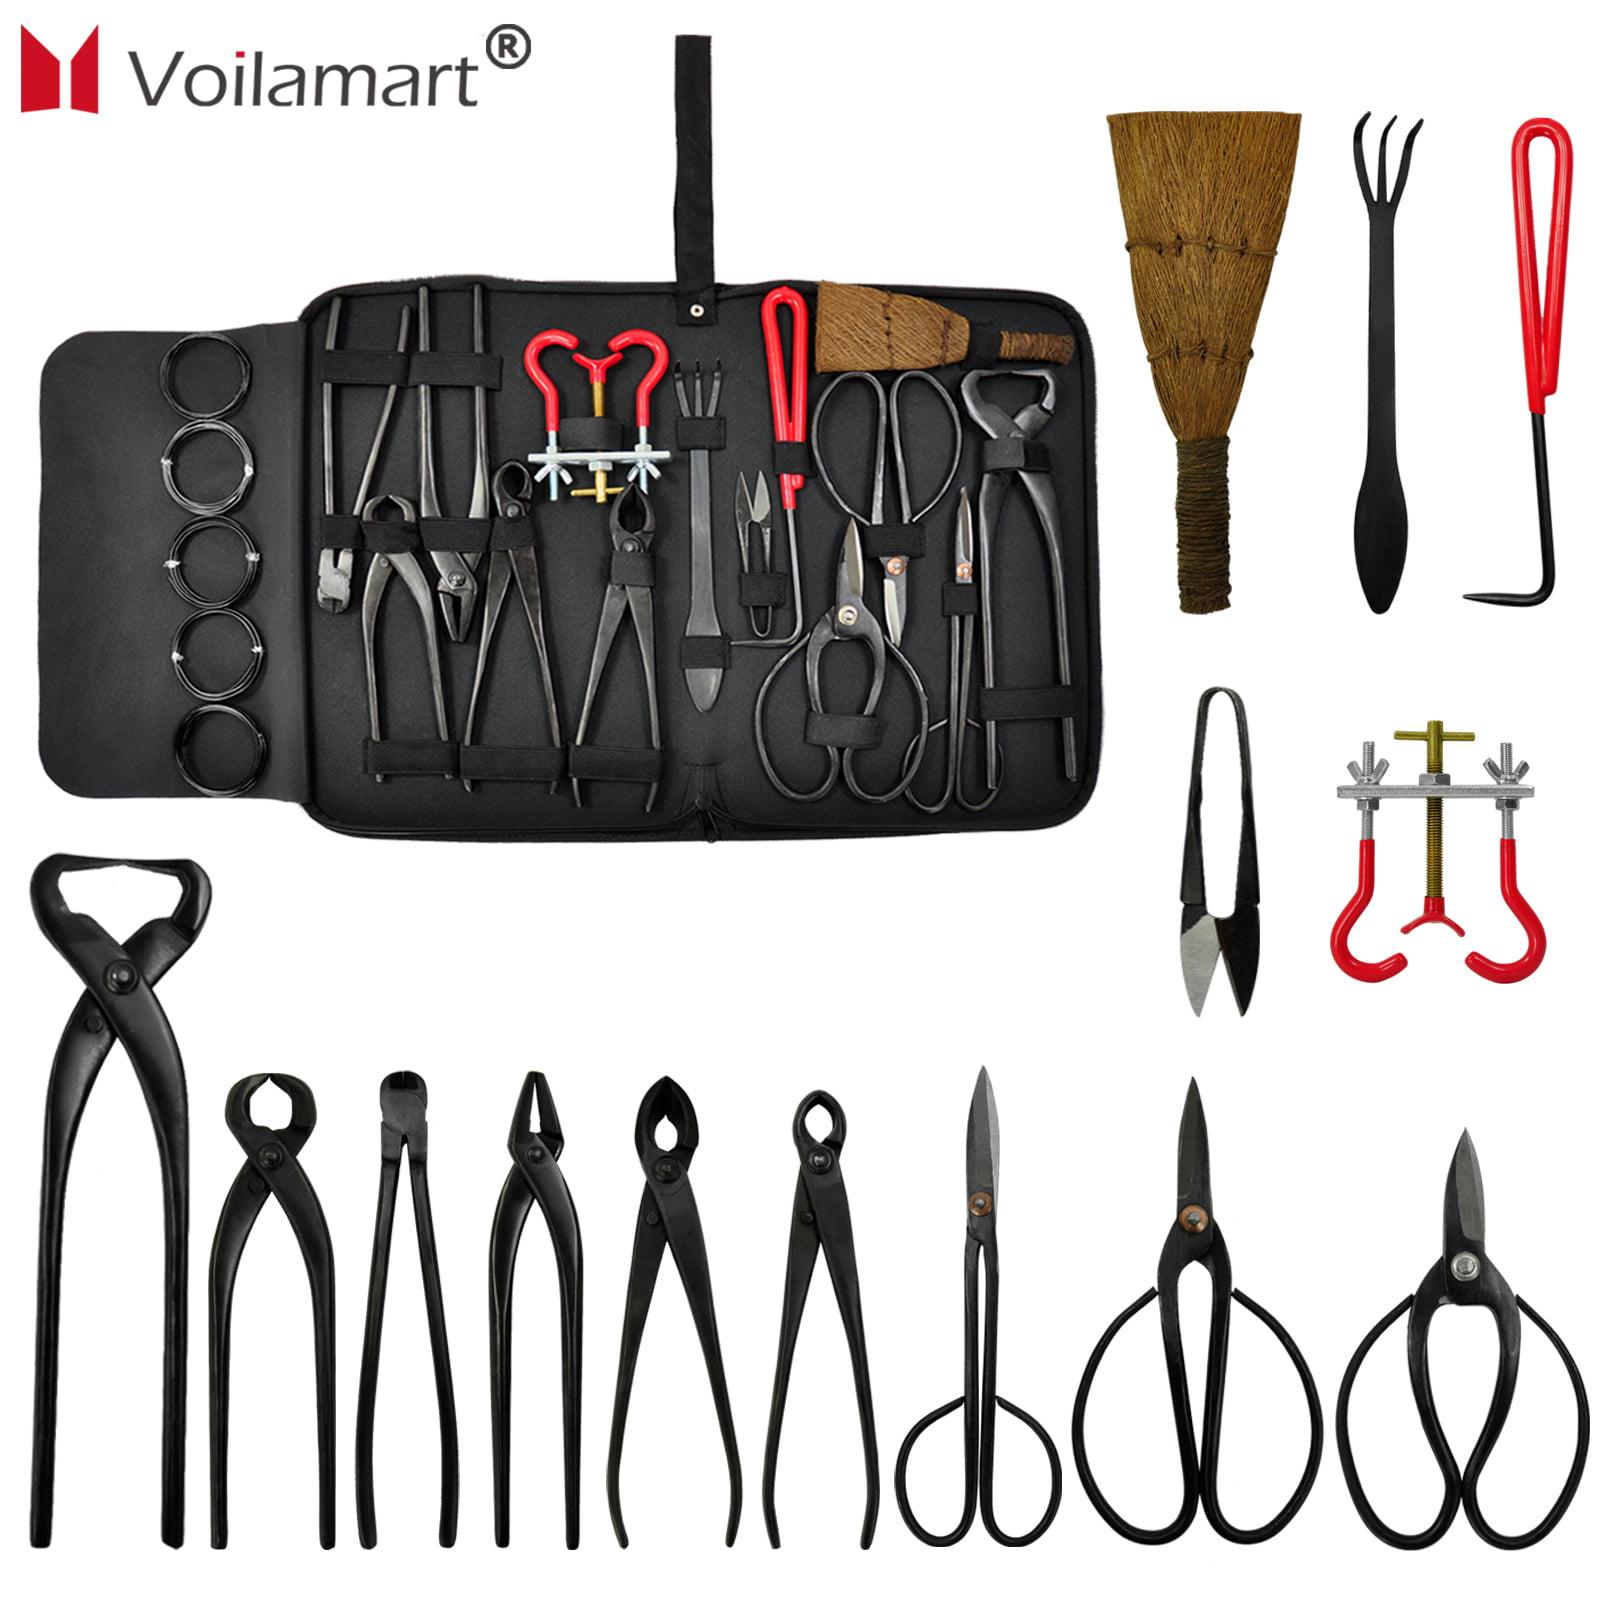 Voilamart 14 Piece Bonsai Tools Kit with Case, Carbon Ste...